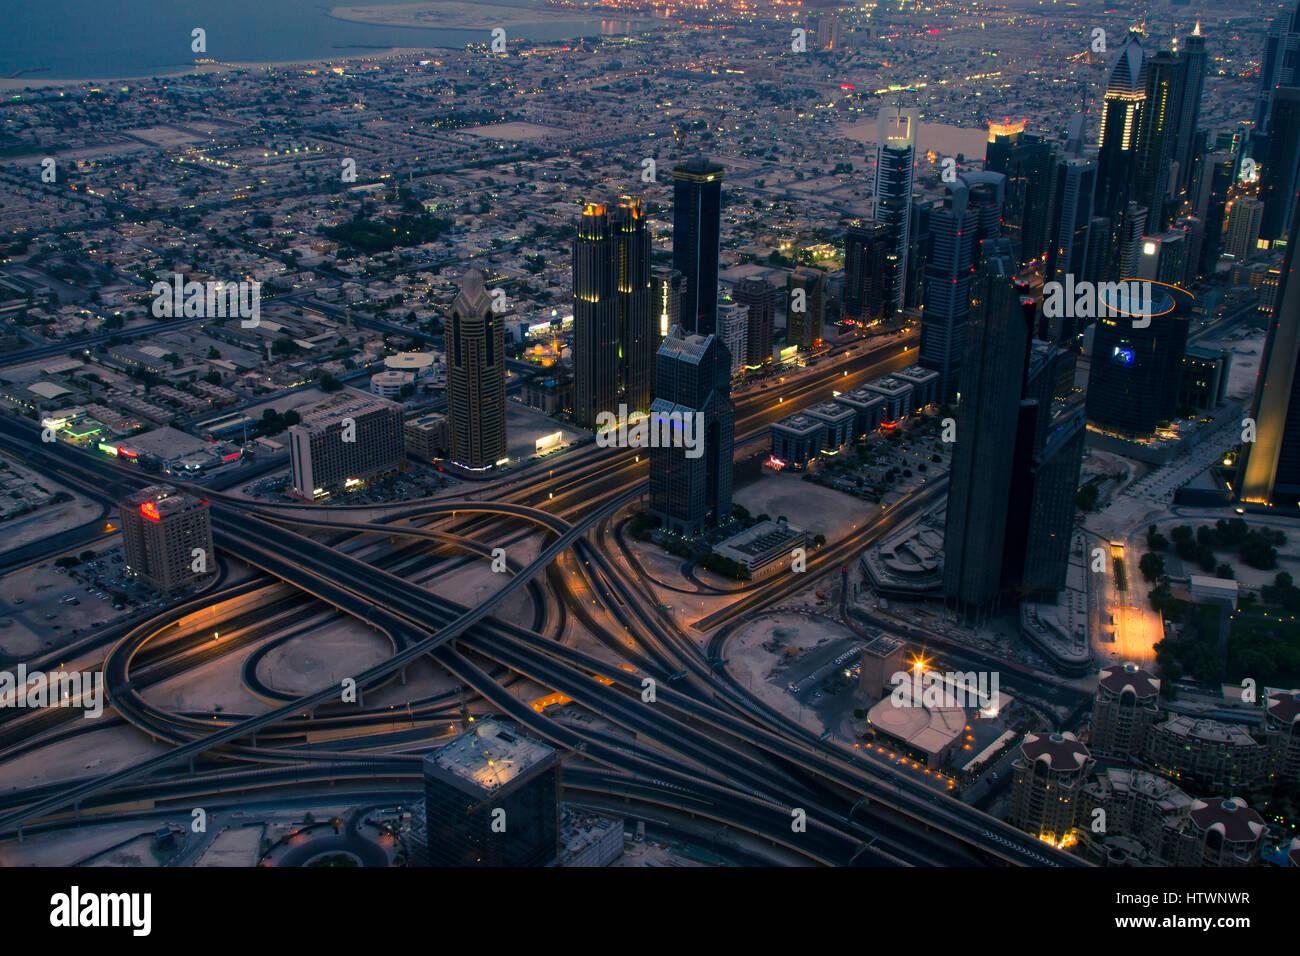 Dubai city from Burj Khalifa. Jumeirah area.  Dubai. United Arab Emirates. - Stock Image